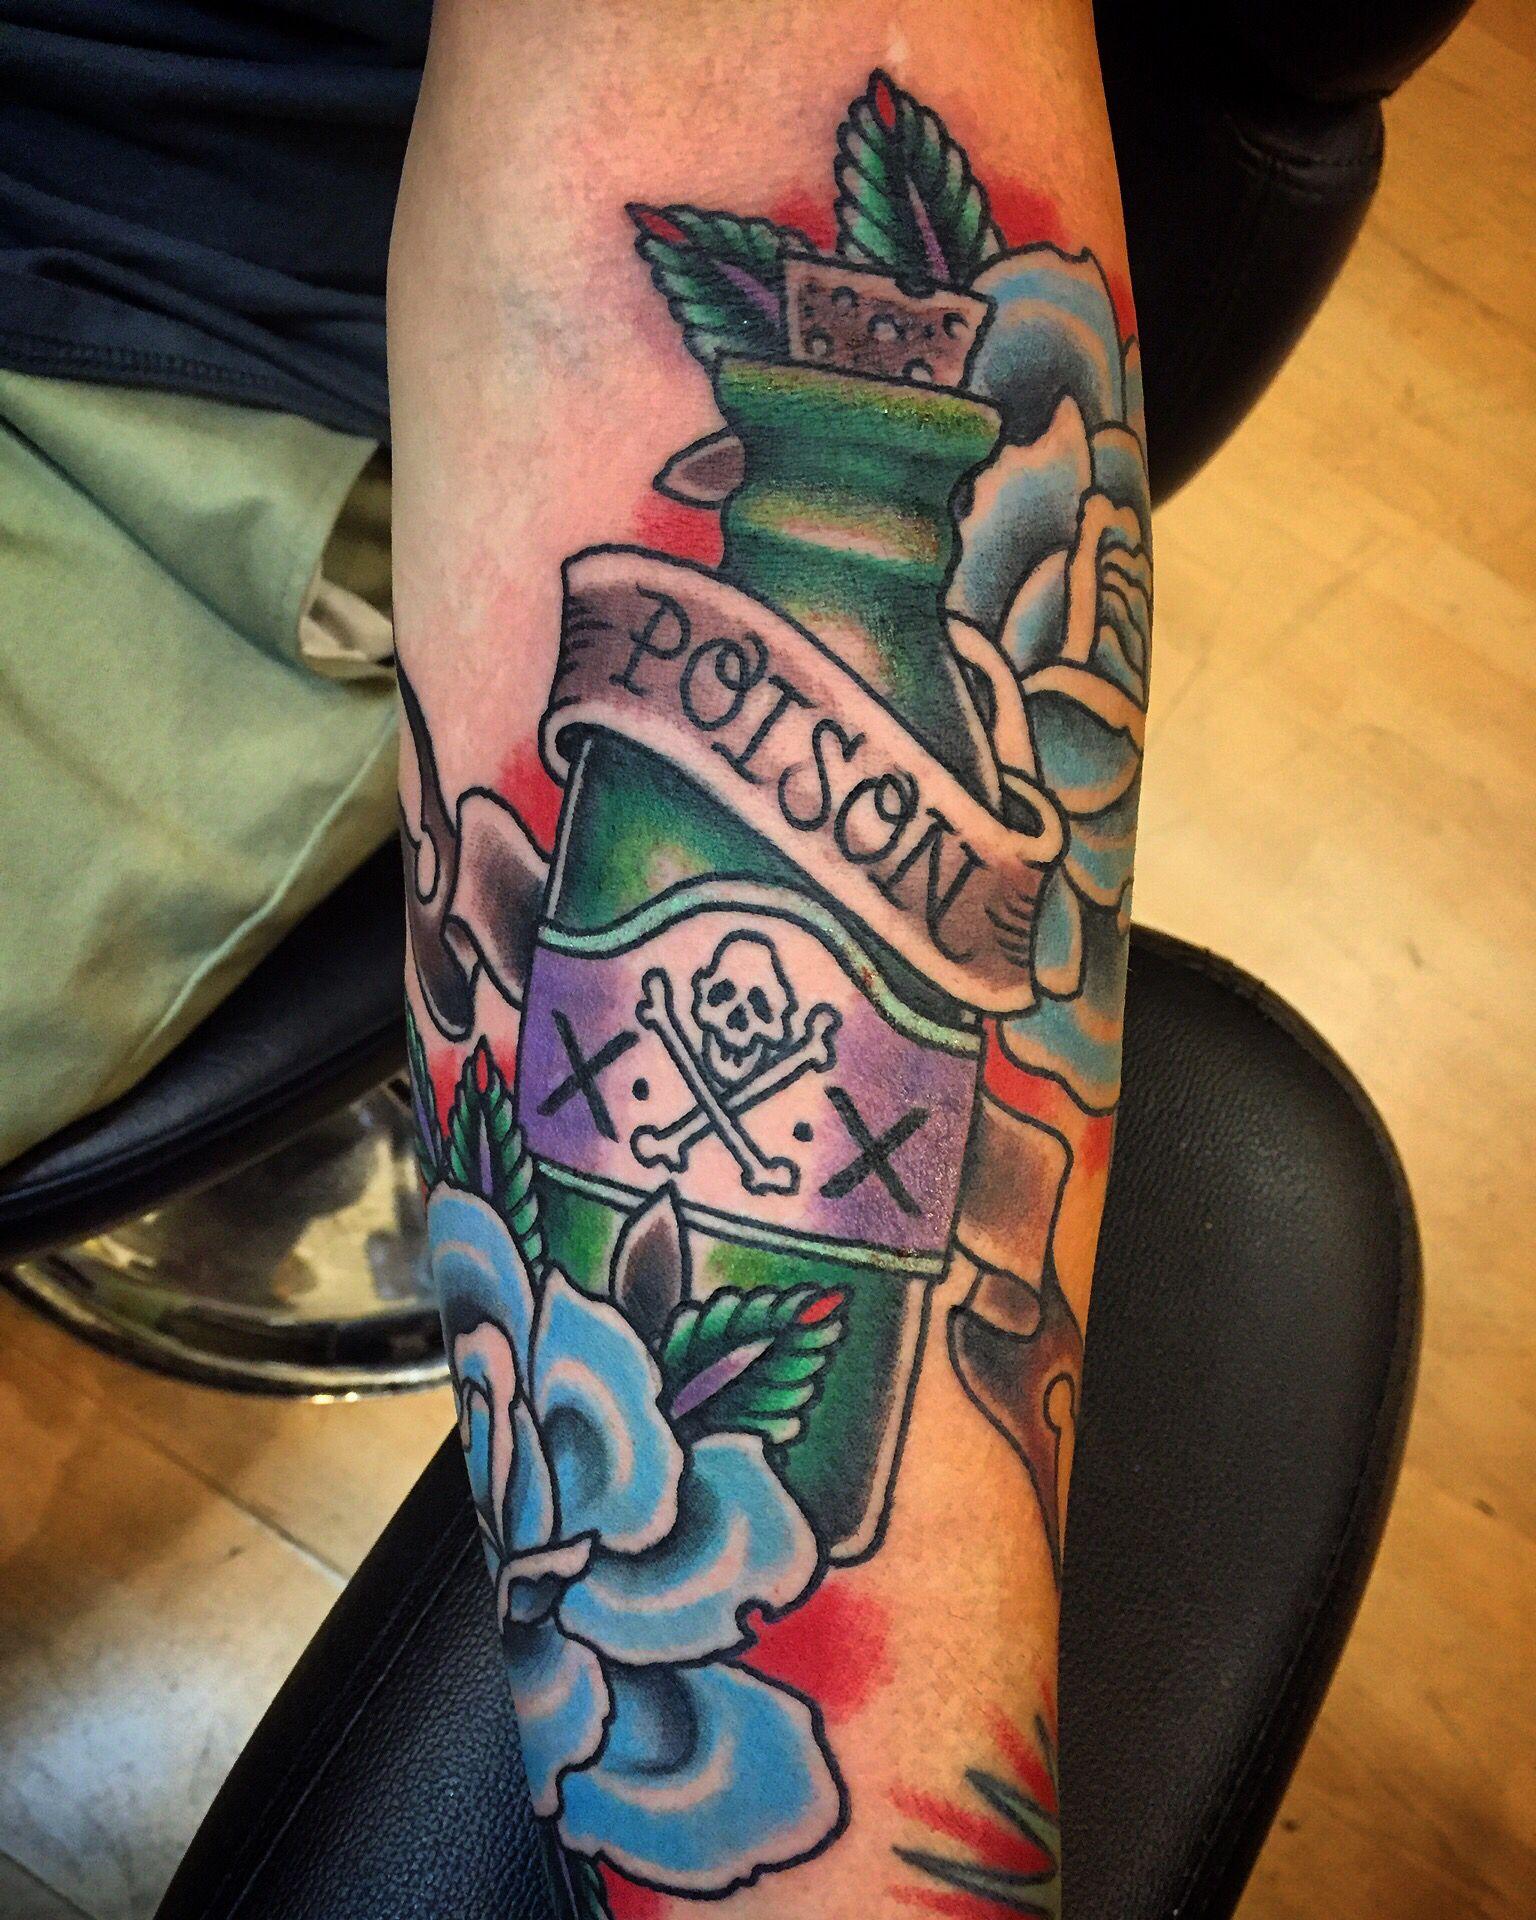 40 Poison Bottle Tattoo Designs For Men – Killer Ink Ideas